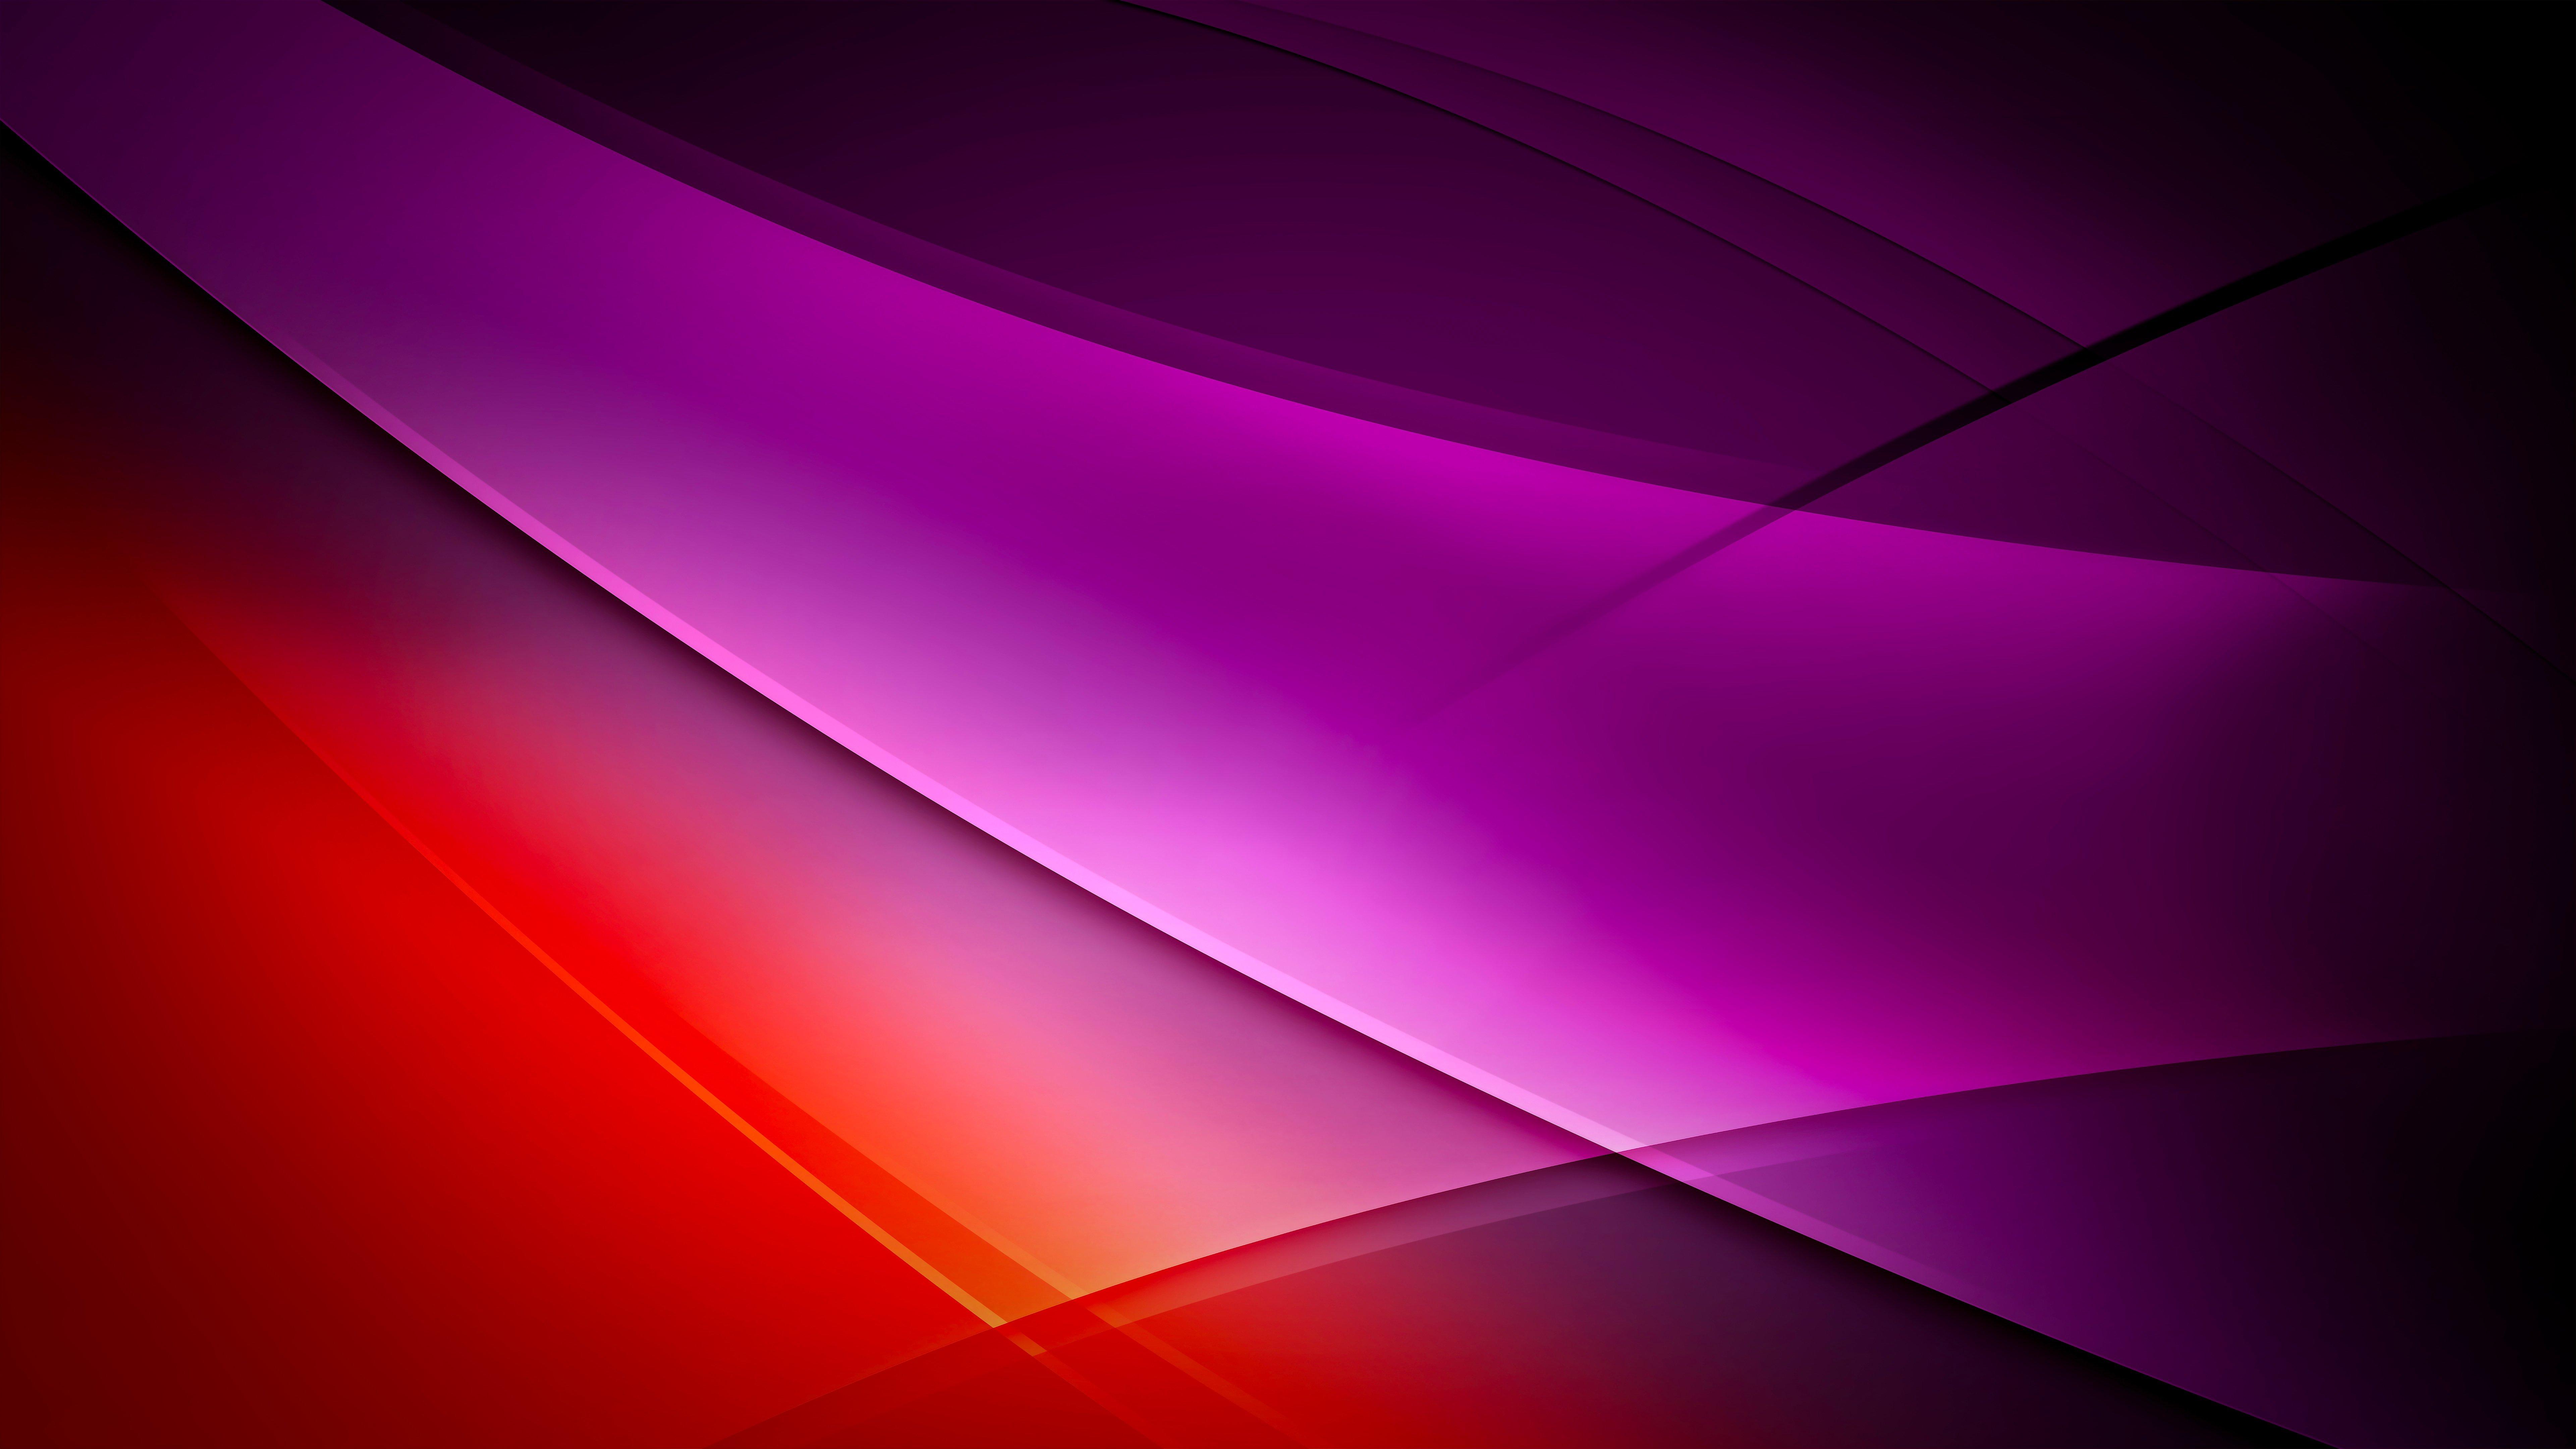 Fondos de pantalla Figuras y lineas en rojo y morado